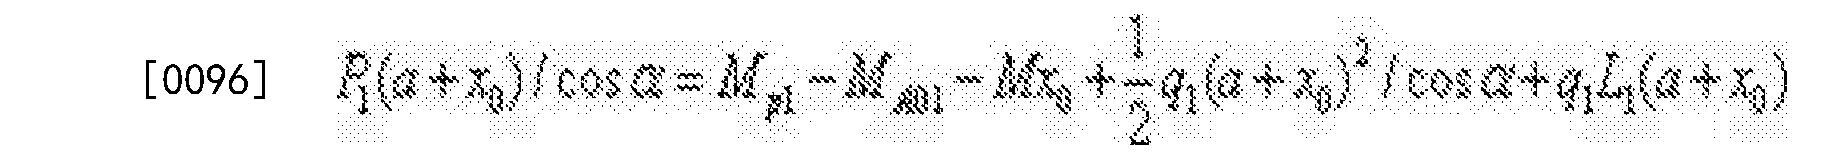 Figure CN104358572BD00101